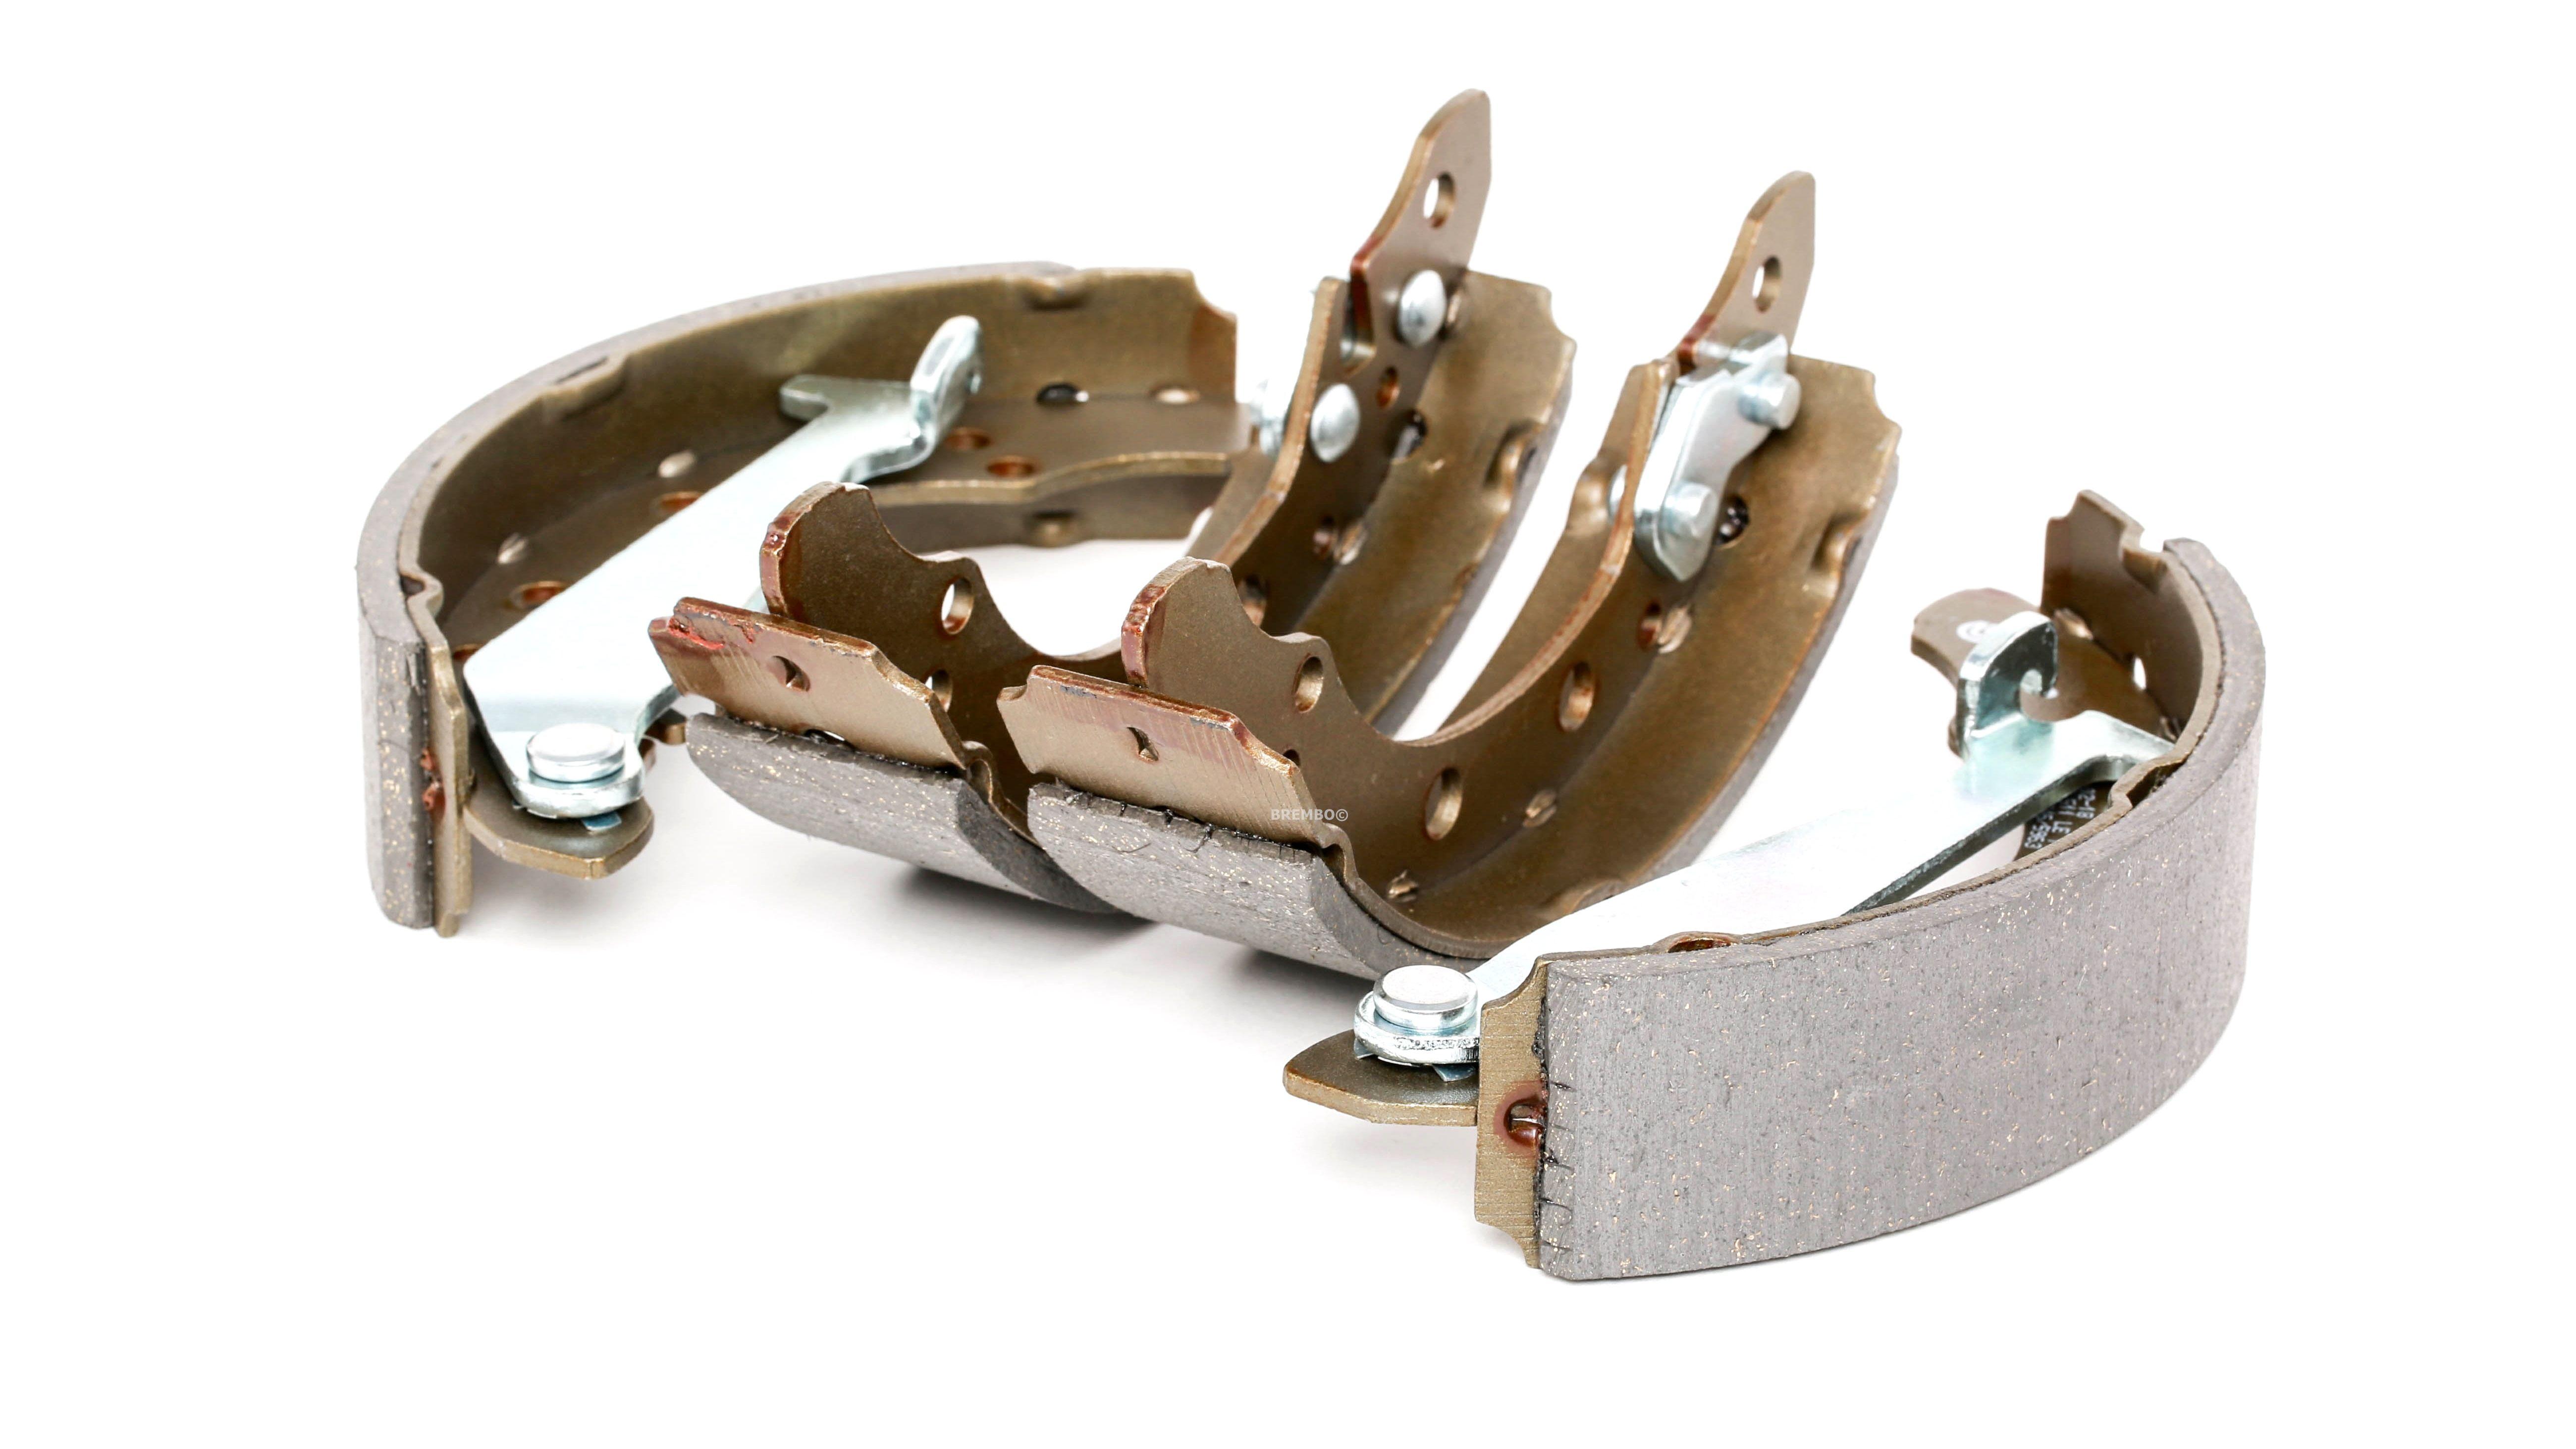 BREMBO: Original Trommelbremsen S 85 511 (Breite: 40mm)